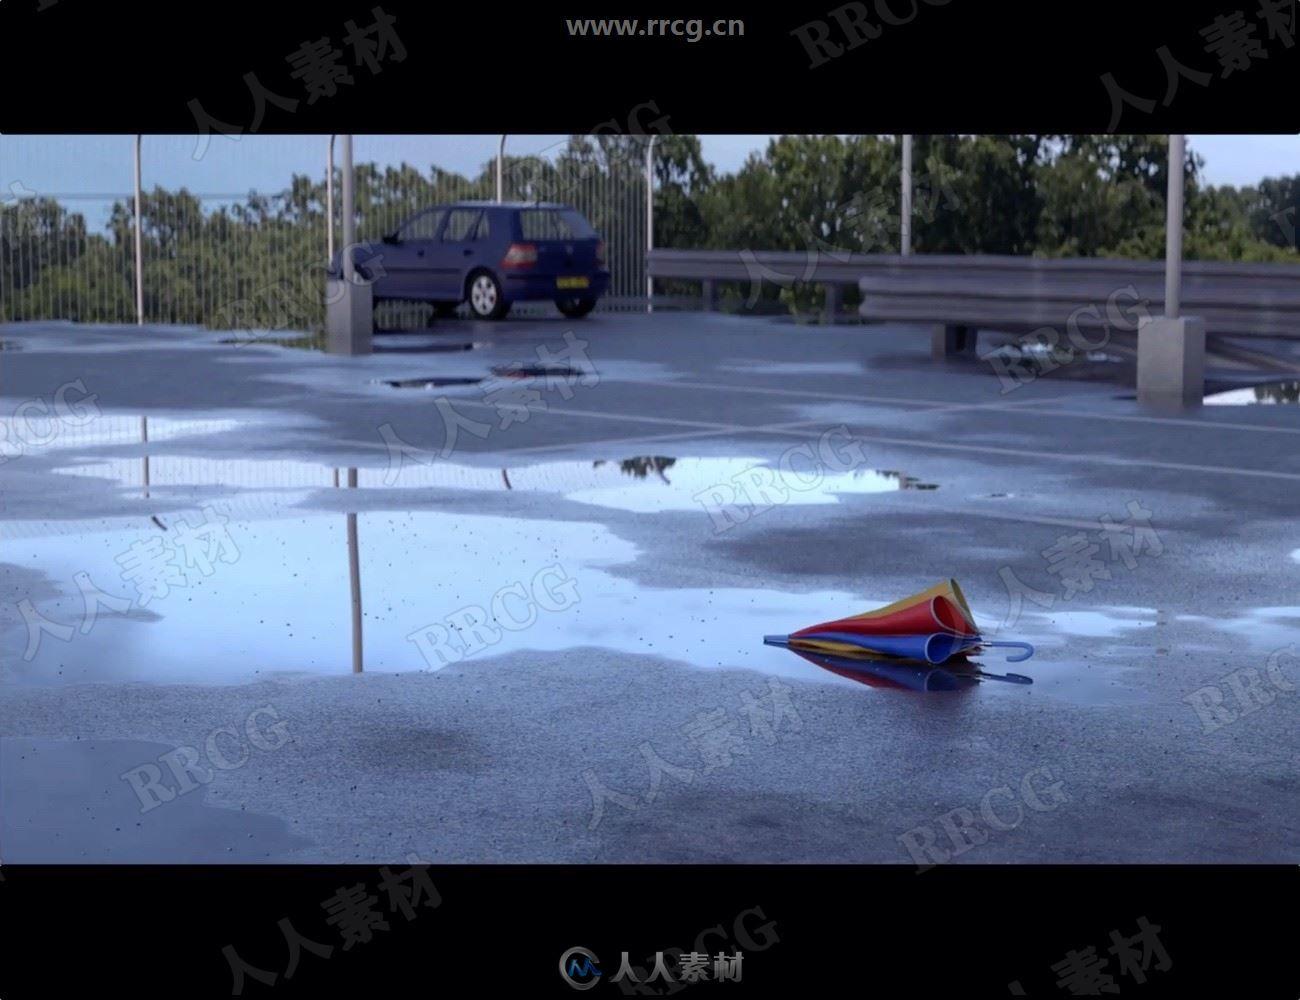 地表水上水元素场景3D模型合集